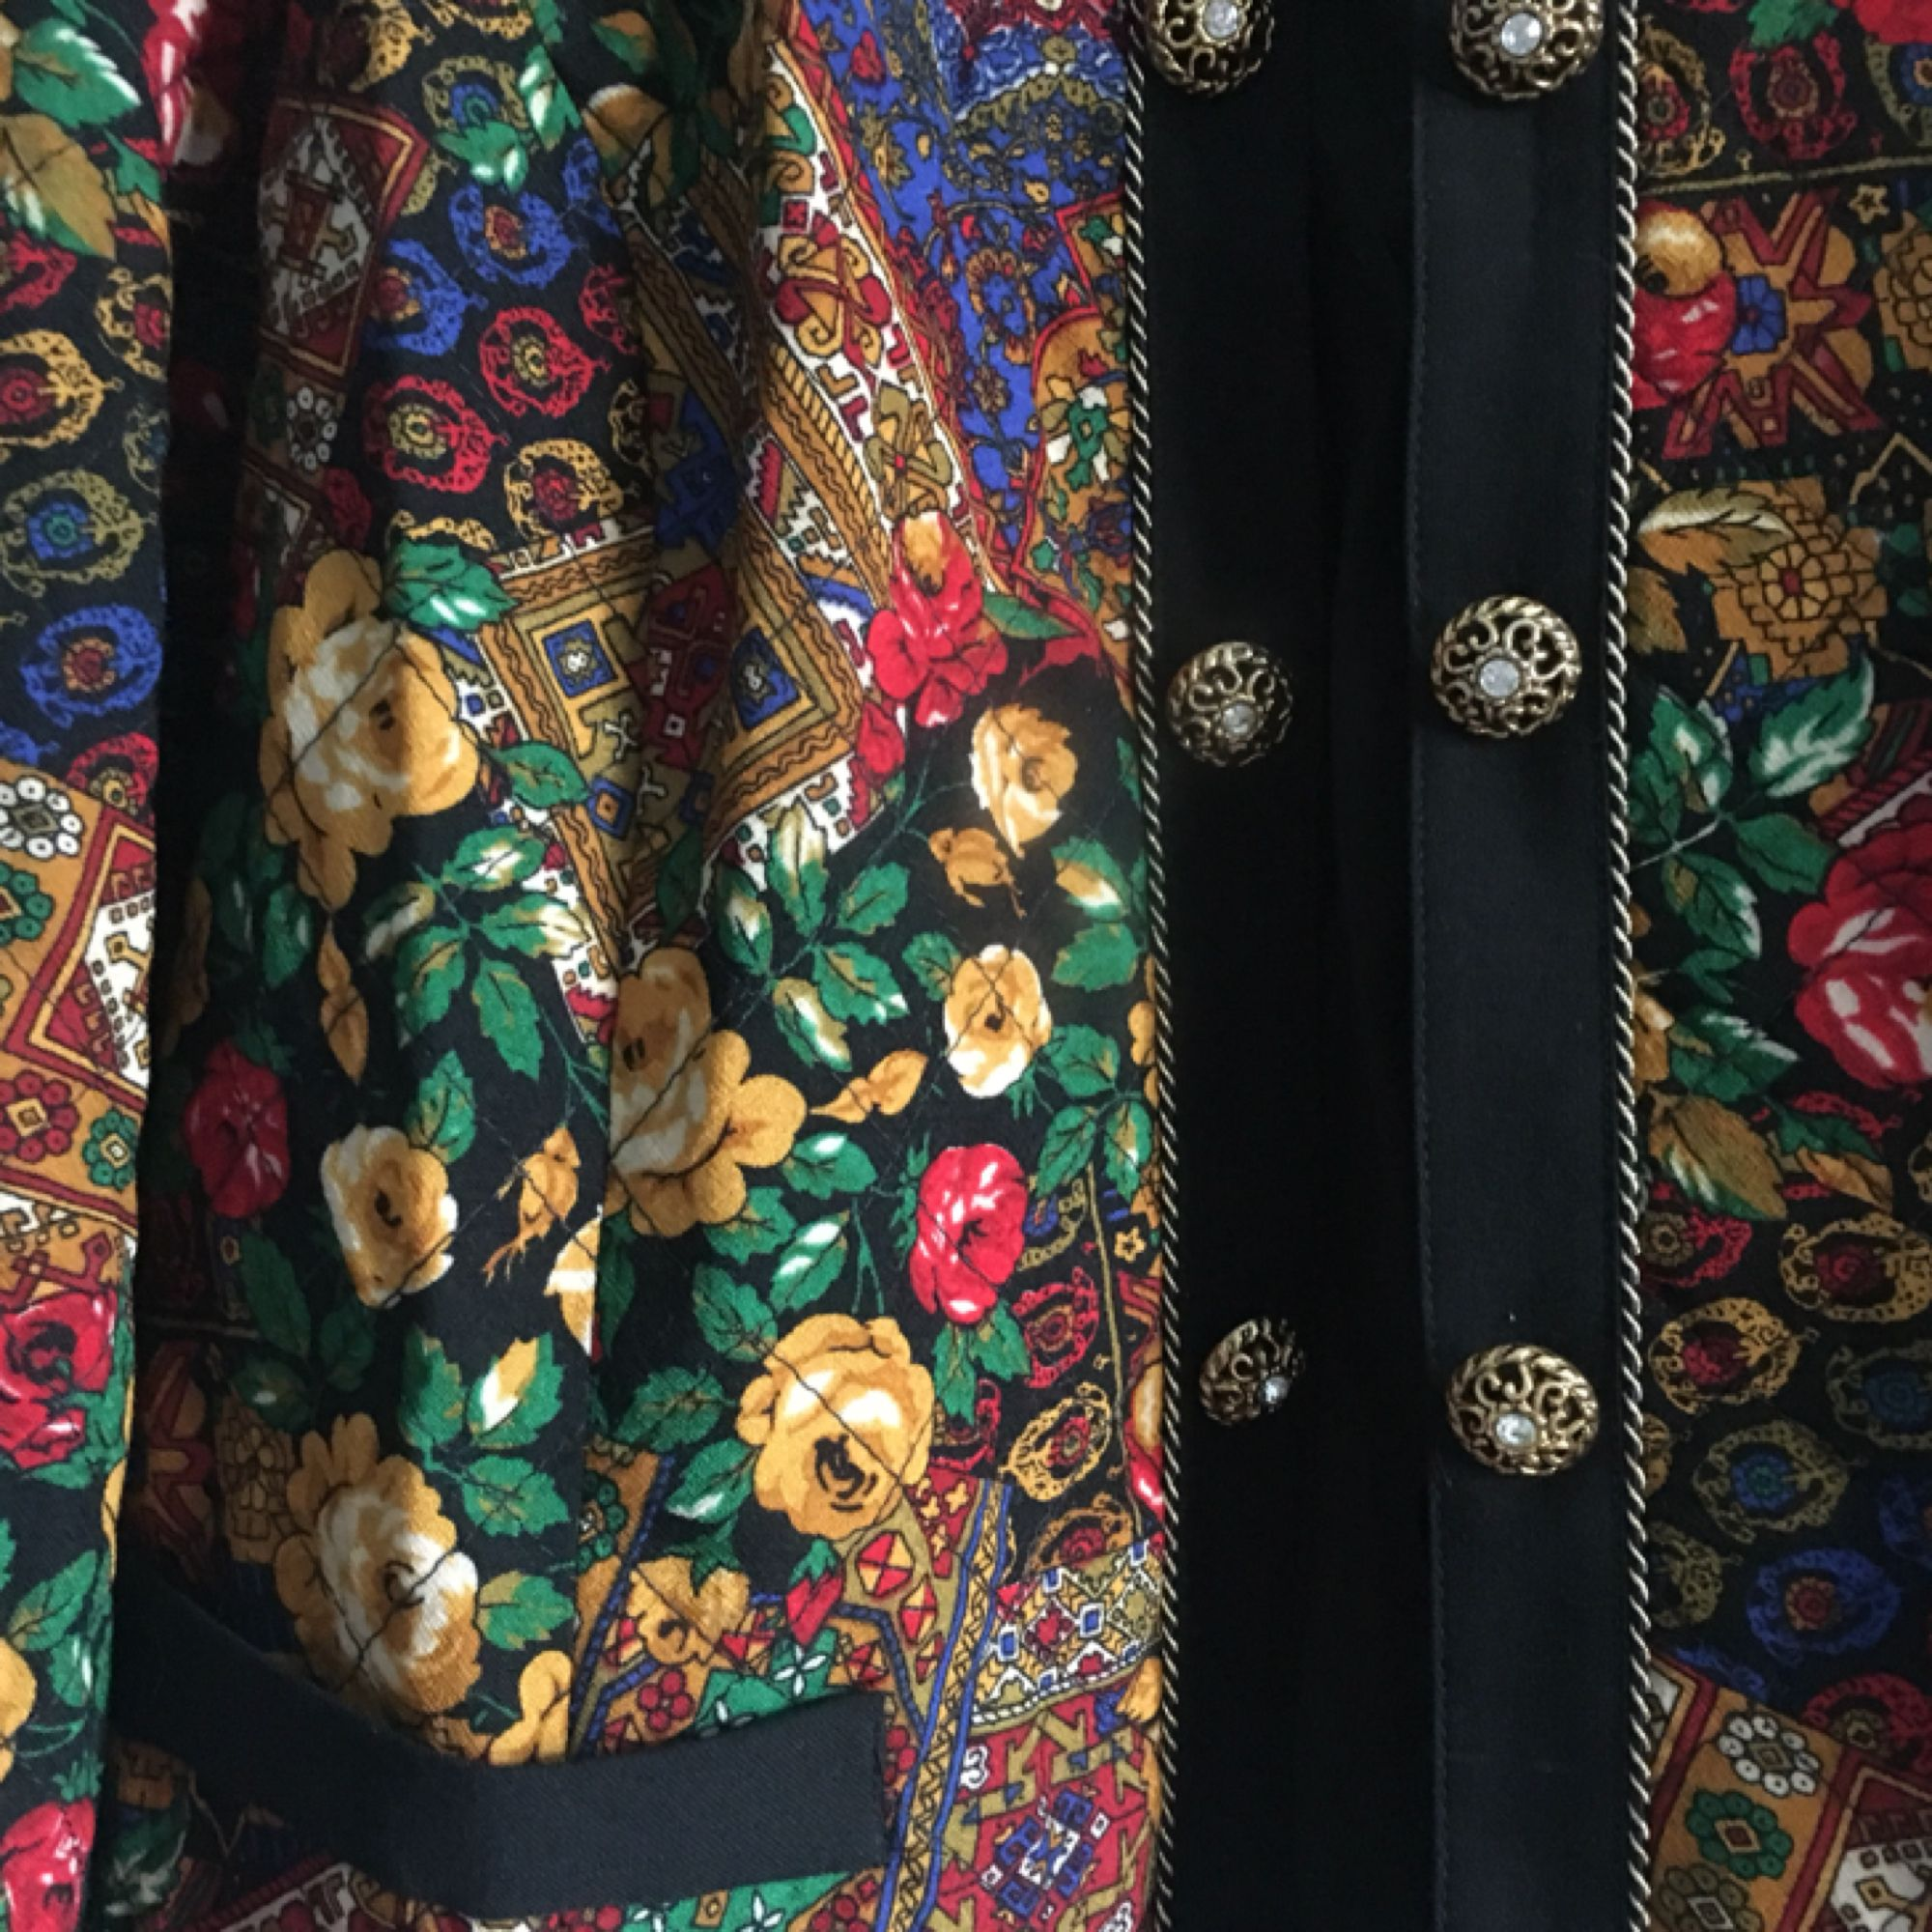 Superfin vintage jacka i tunnare material, mycket fint skick. Står strl 46 men den sitter bra både på mig som är en strl S och min pojkvän som är strl L. Fina gulddetaljer.  Köpare står för ev frakt, uppskattningsvis 30kr.. Jackor.